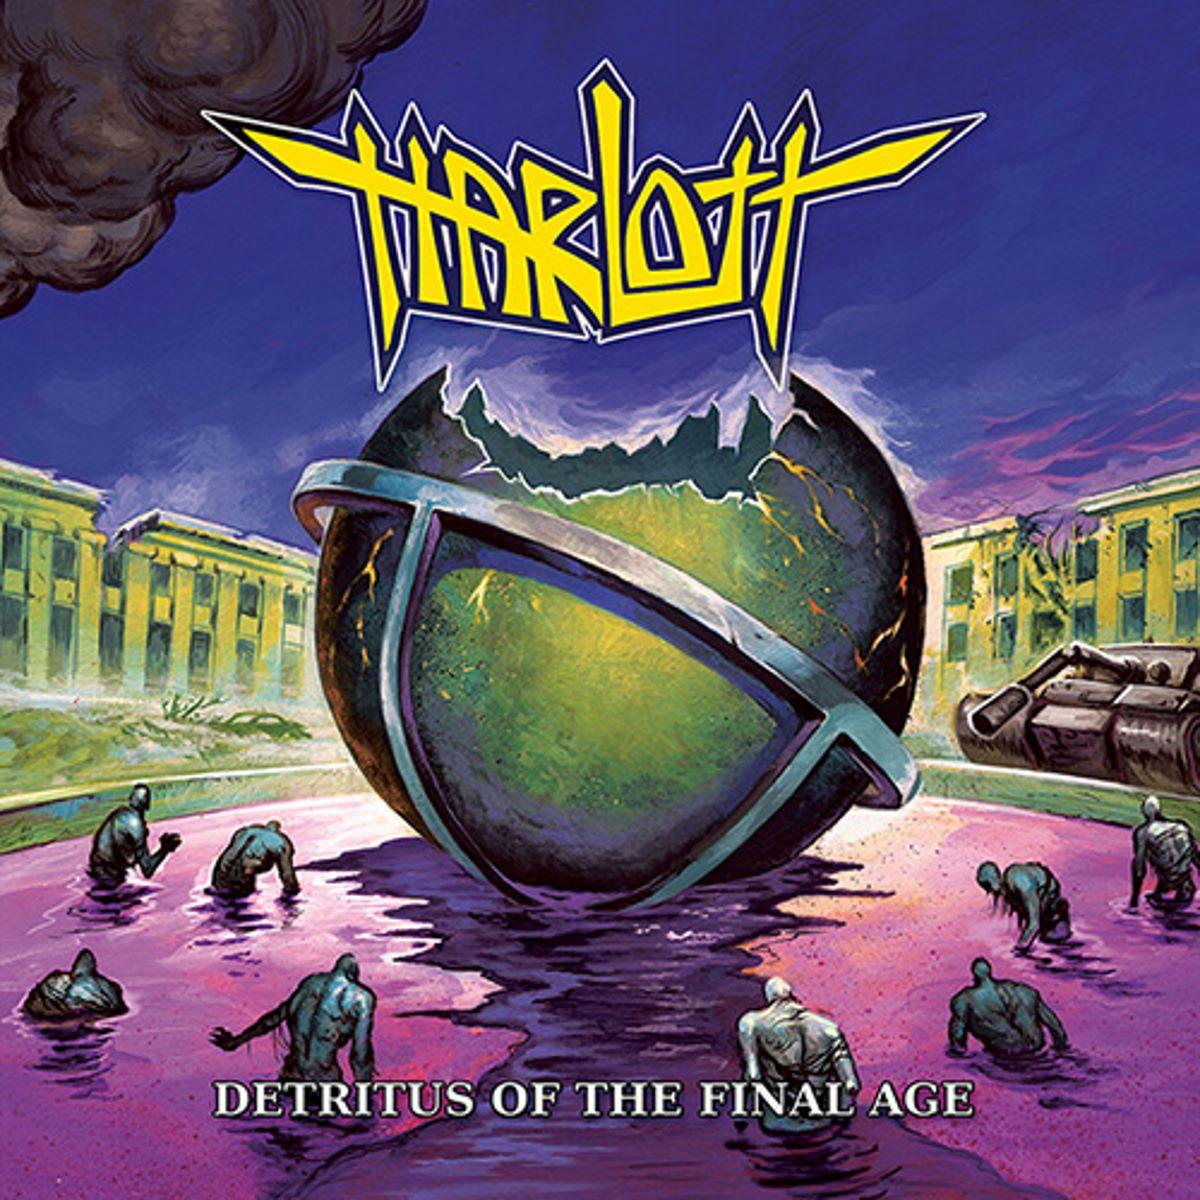 Harlott - Detritus of the Final Age - album cover